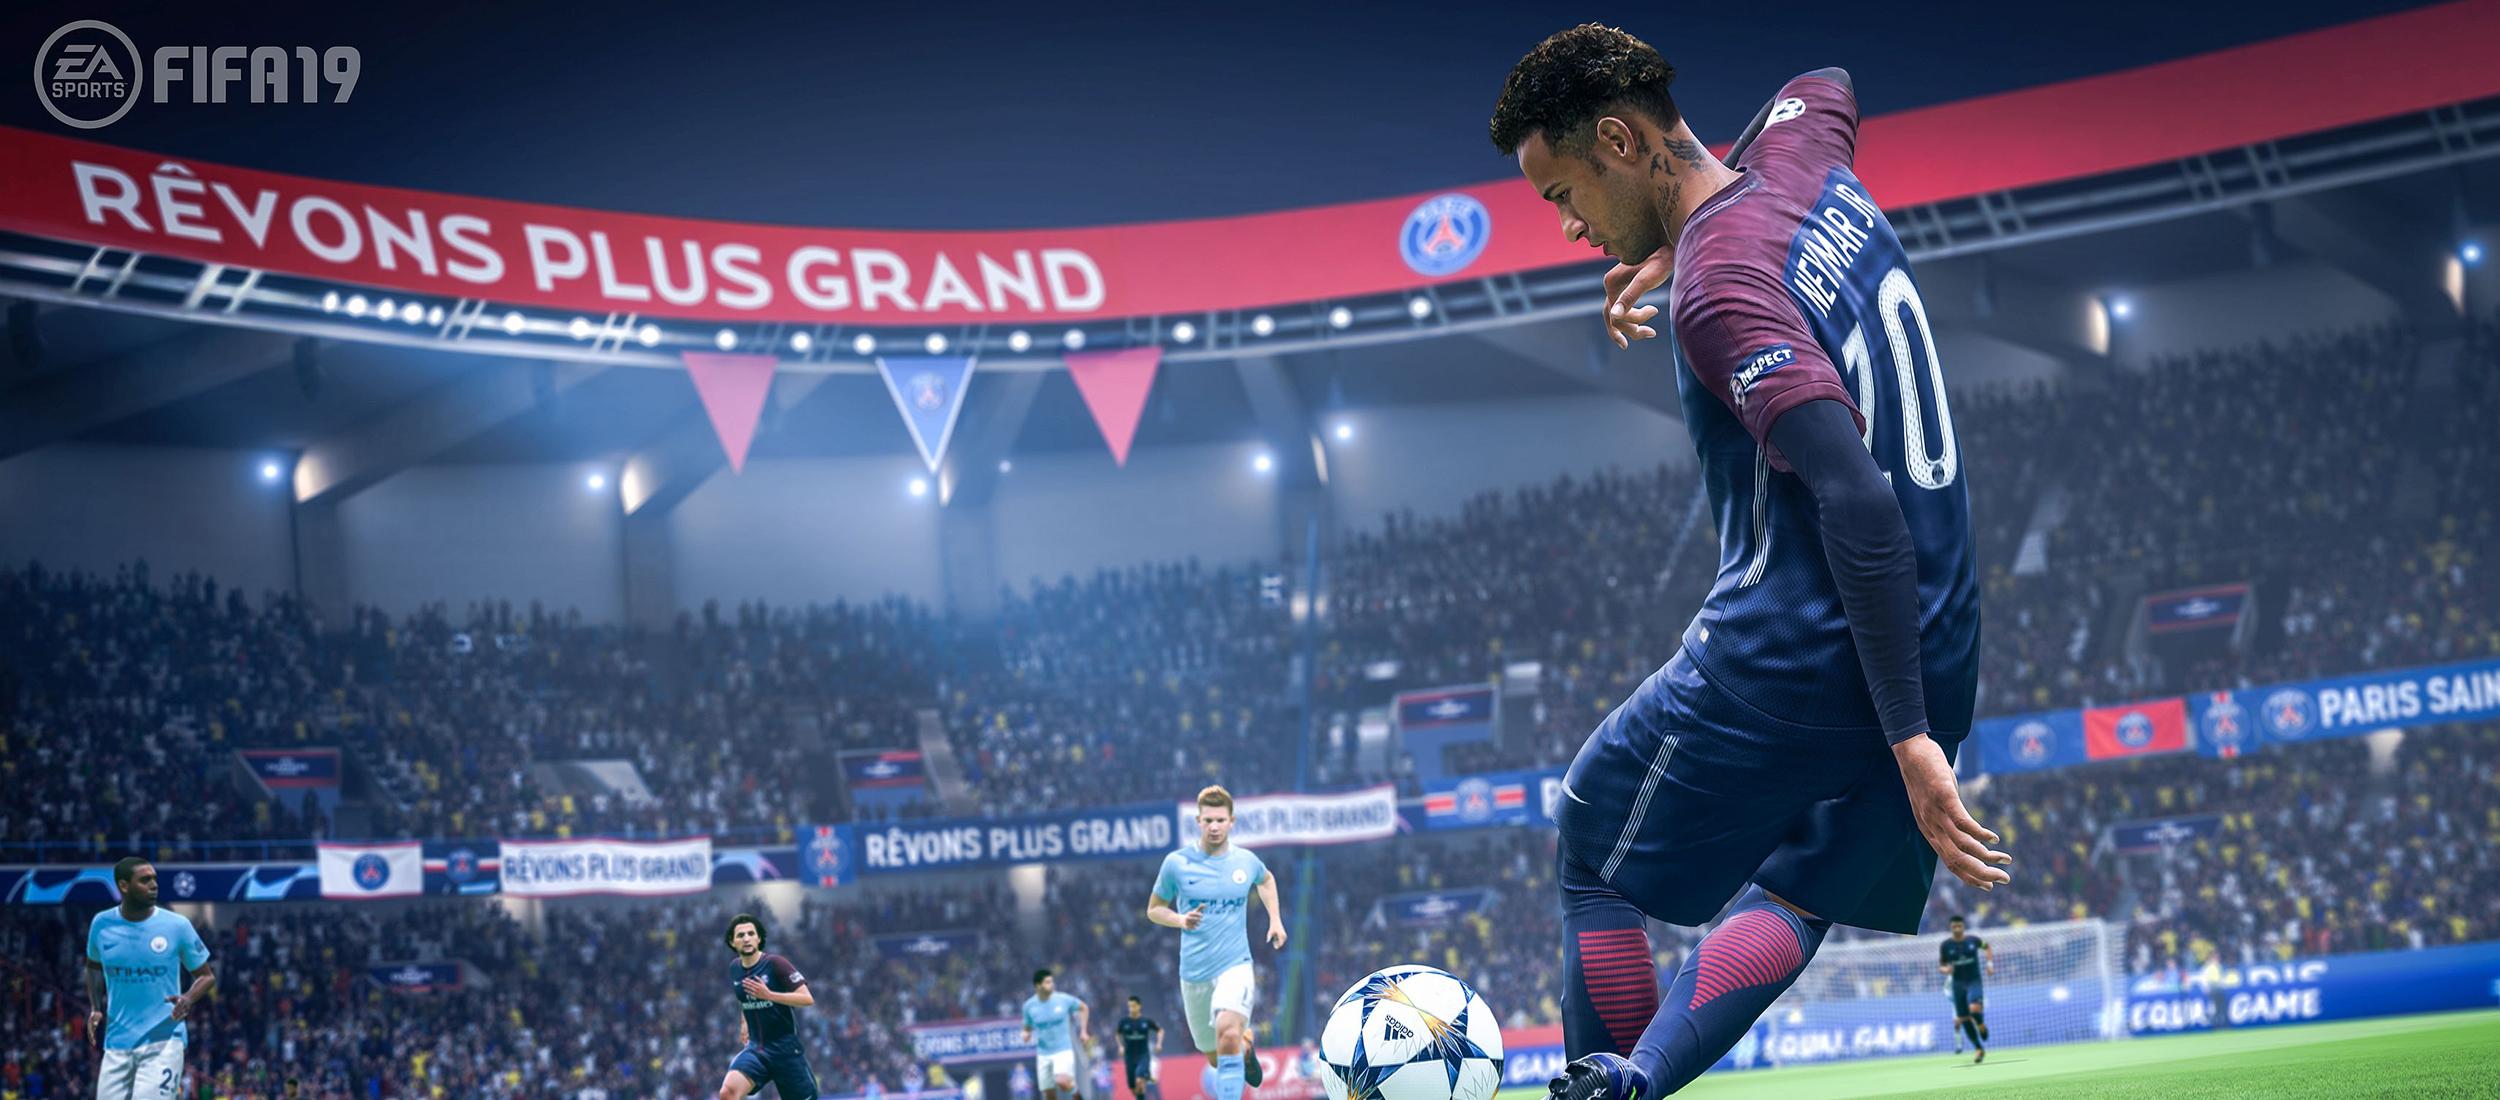 FIFA19_0708s.jpg